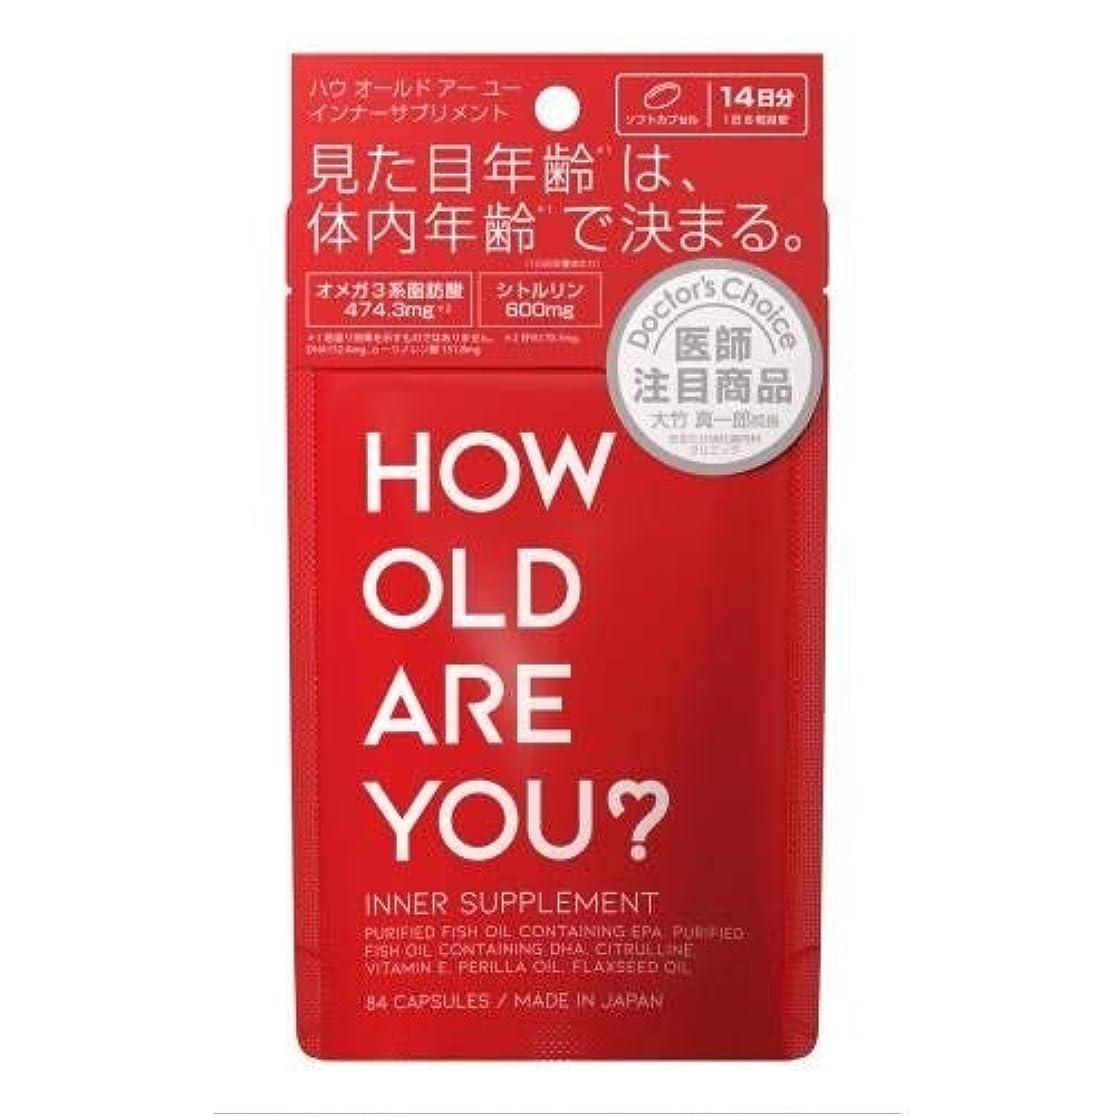 却下する石のデッドロック【4個セット】HOW OLD ARE YOU?インナーサプリメント 84粒